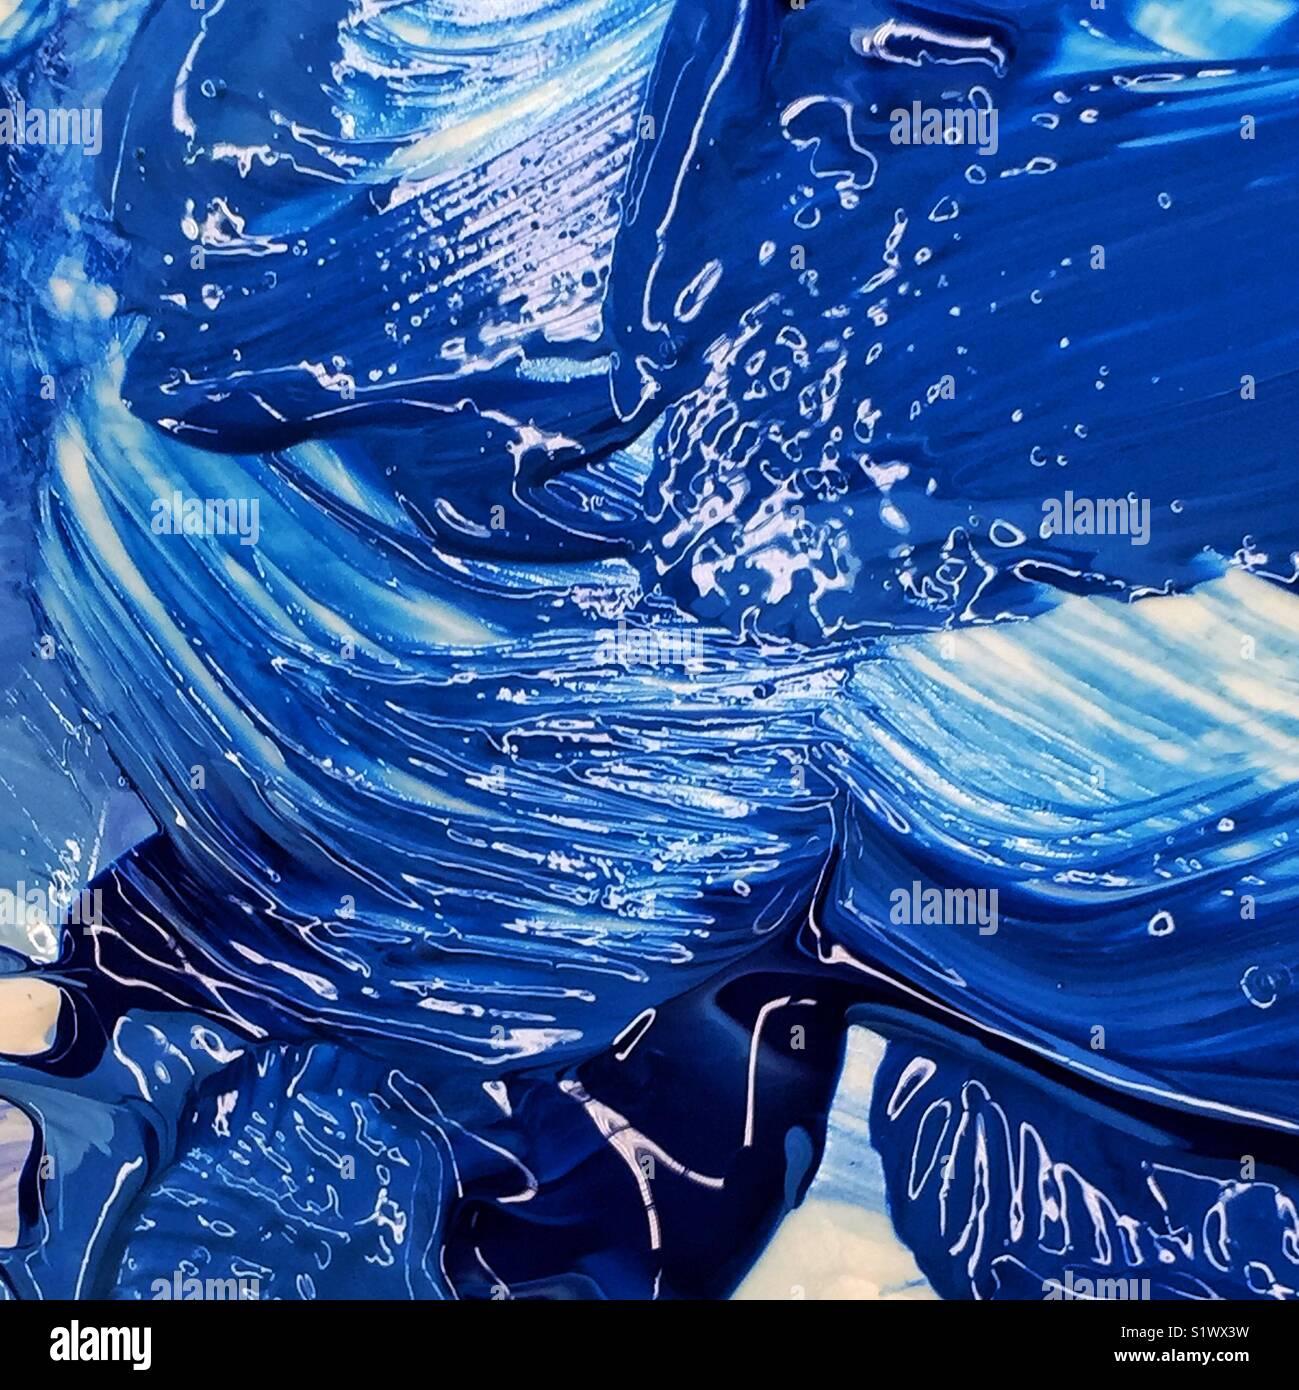 Gruesos trazos de pintura brillante de ultramar Imagen De Stock